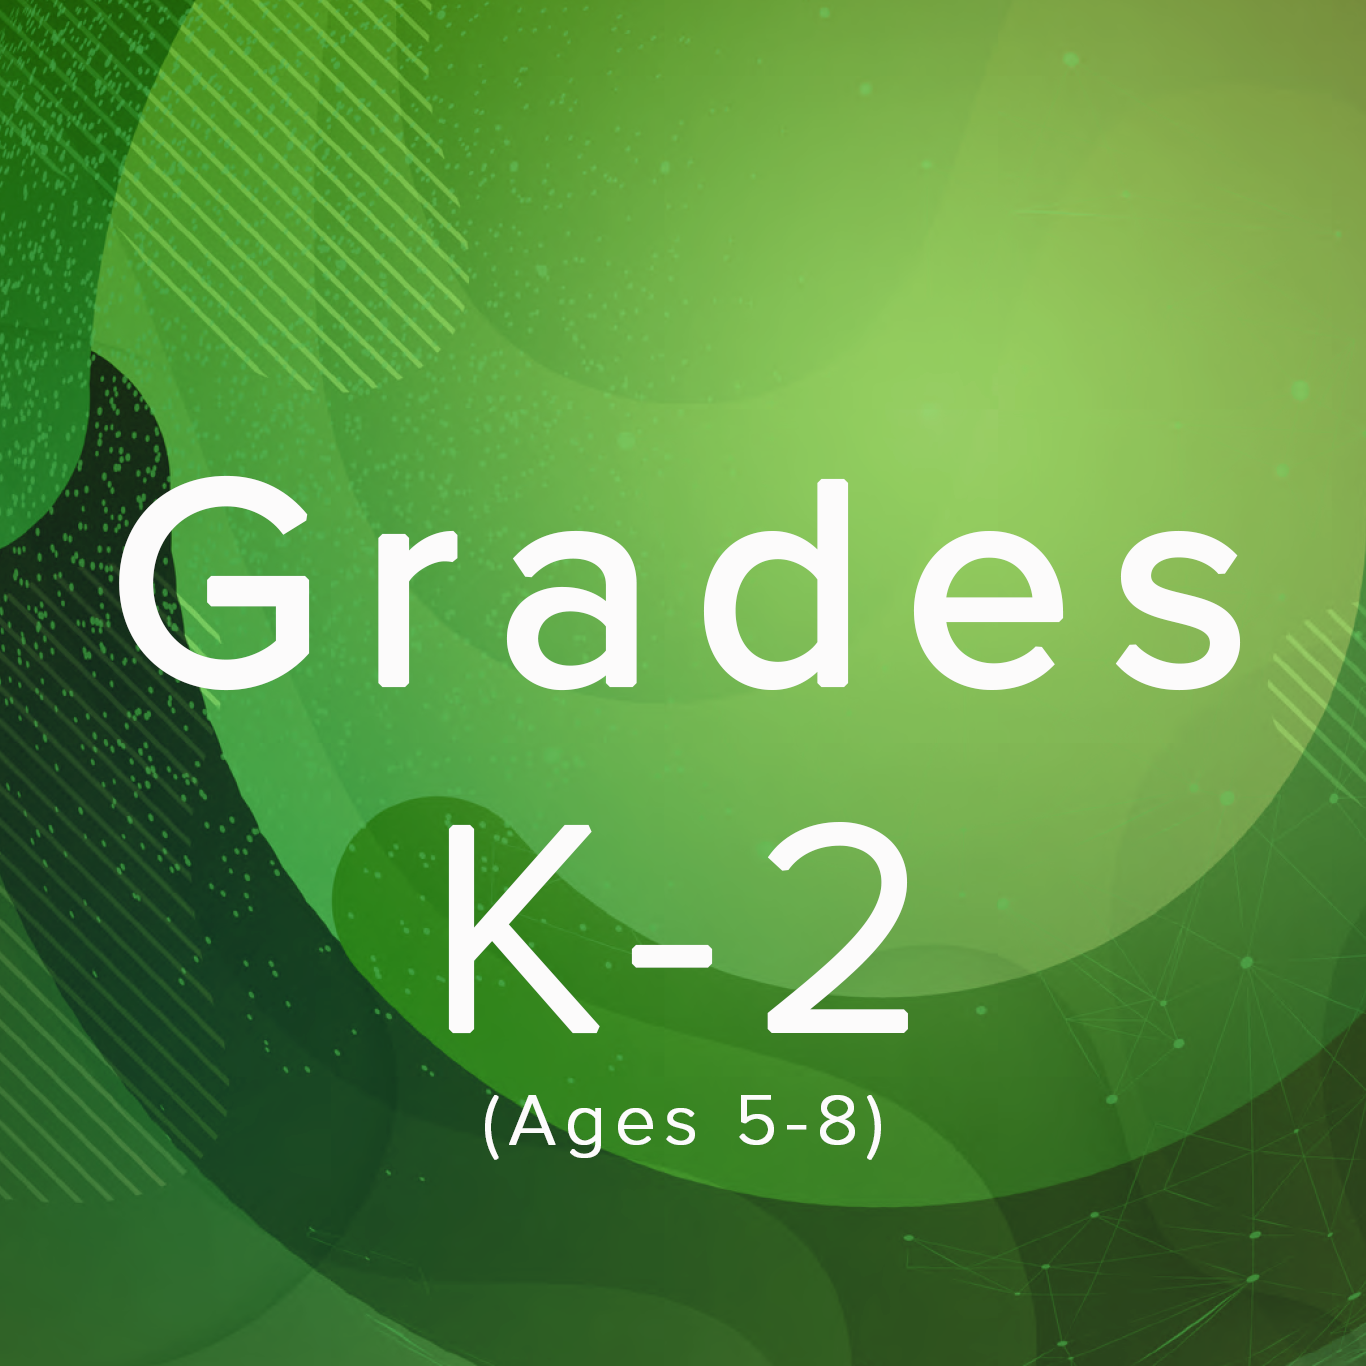 k-2 Parent w_ages